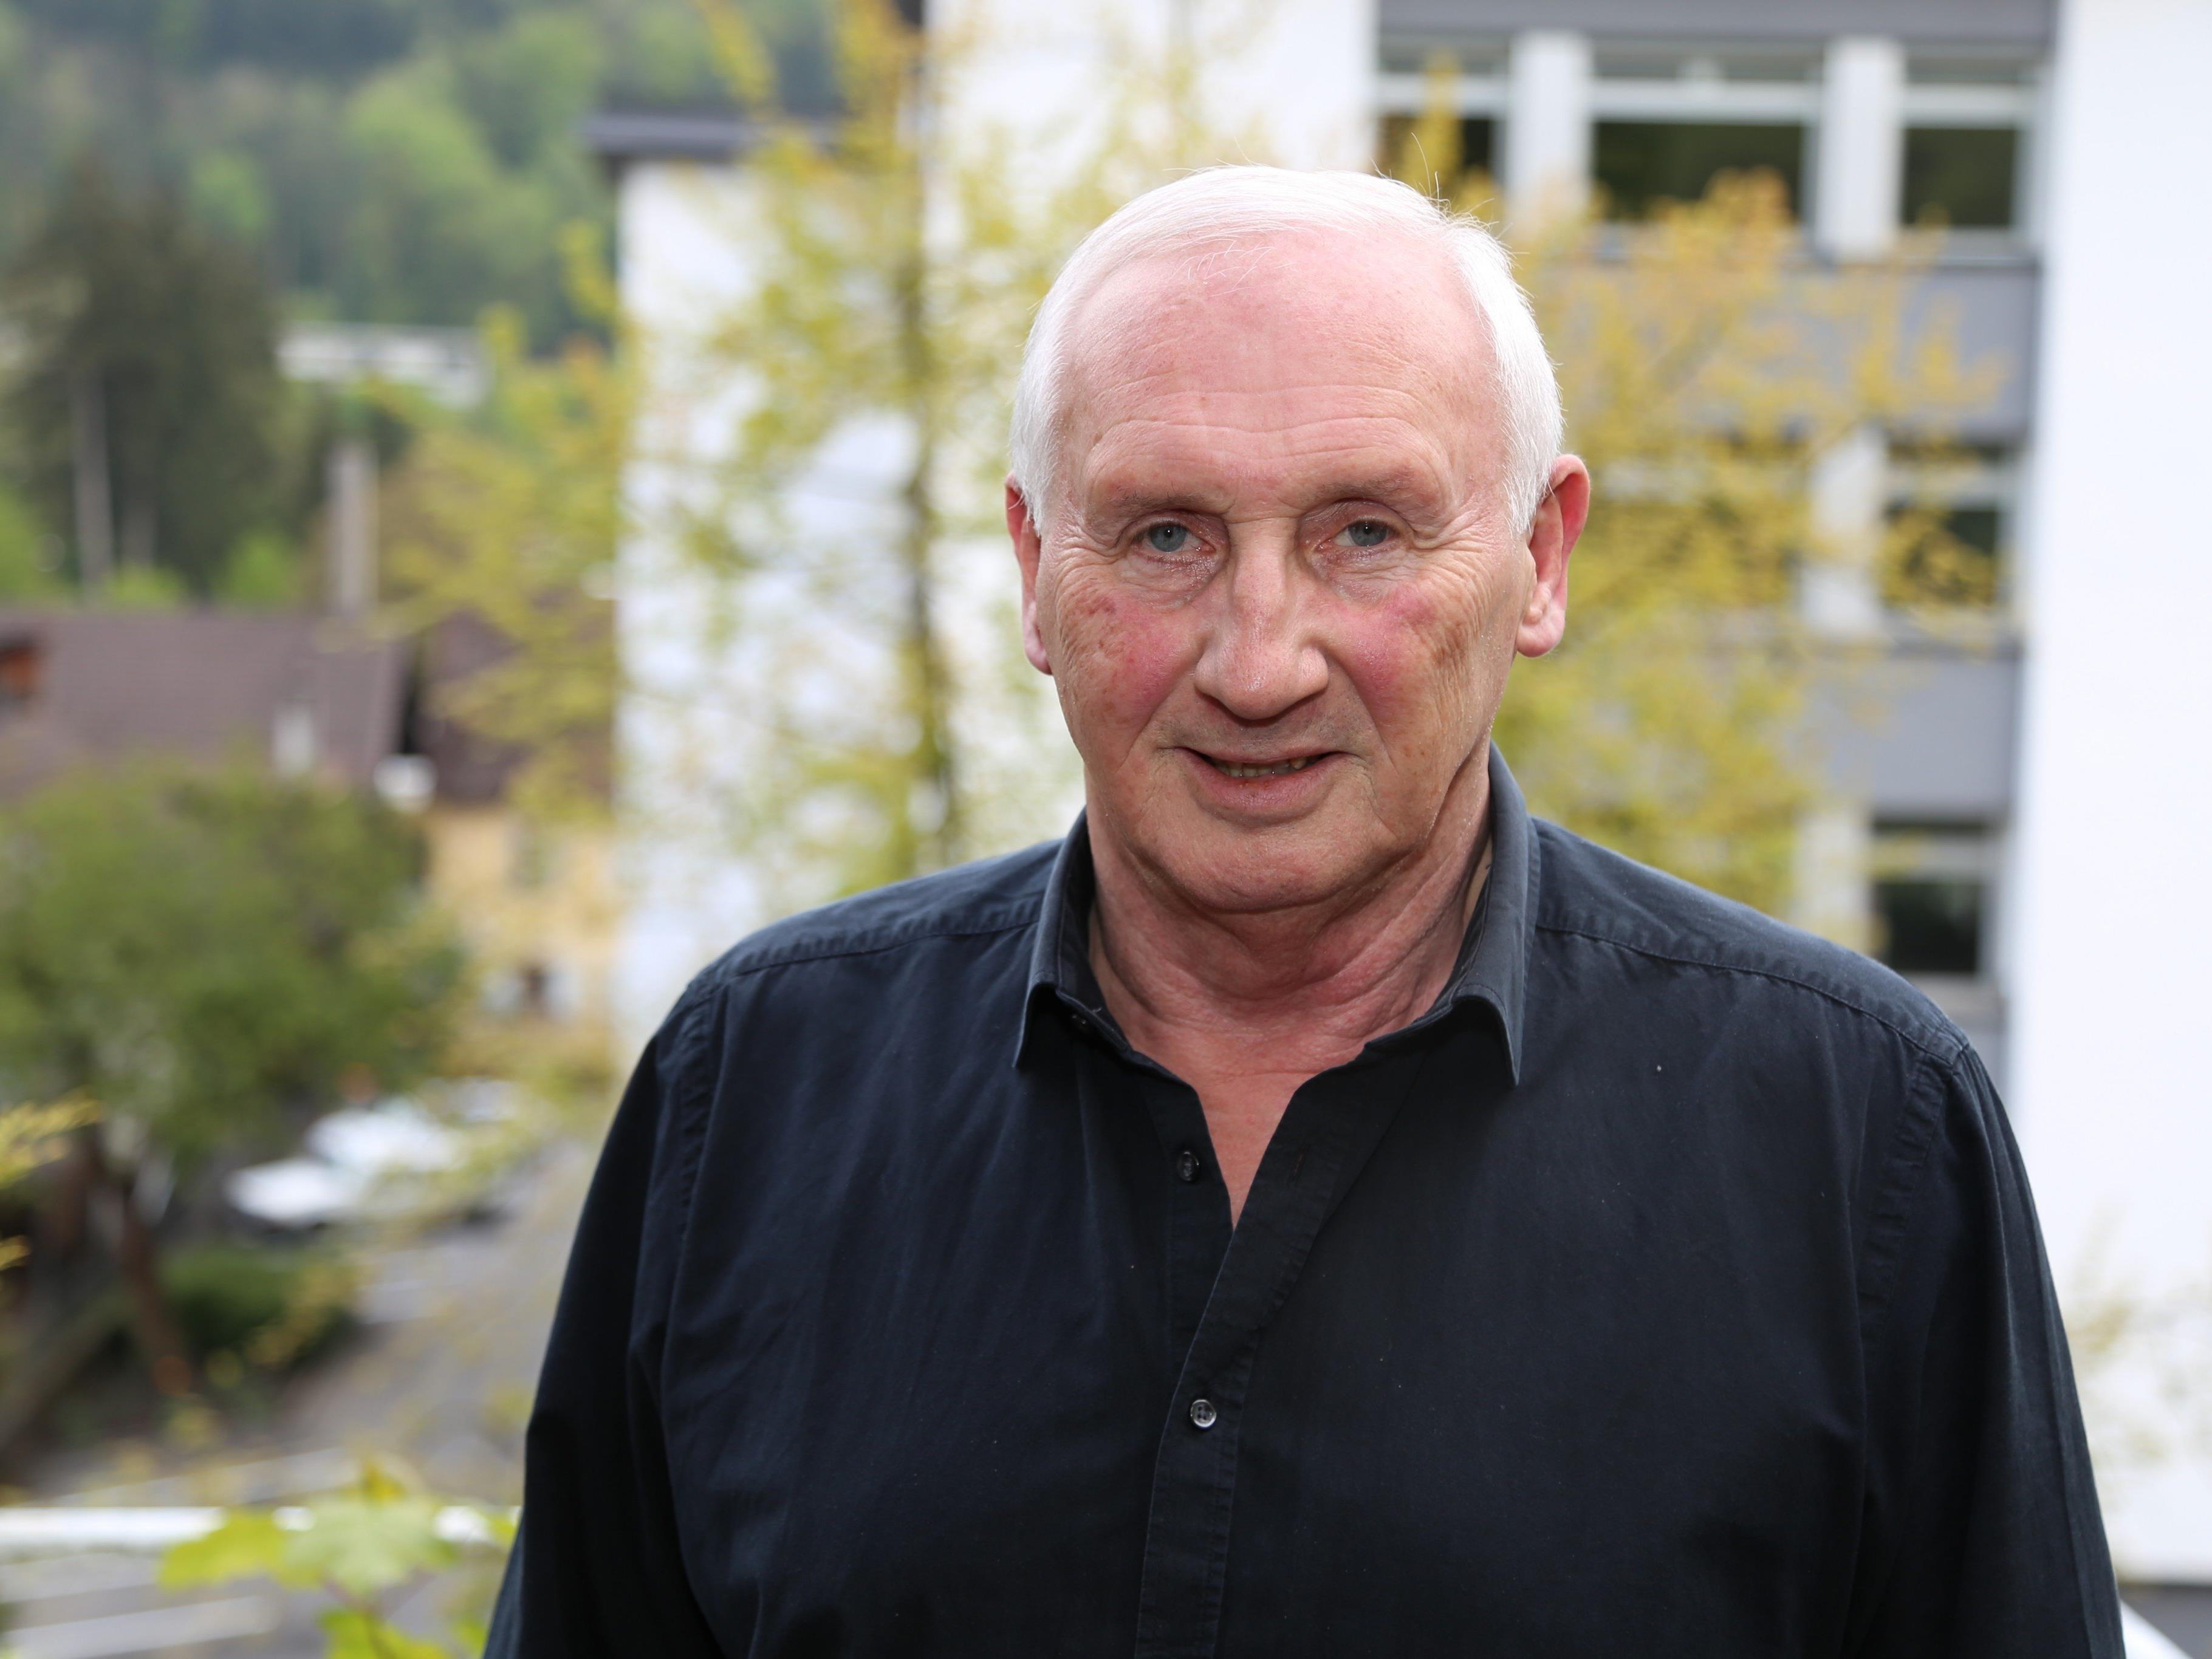 Seit 16 Jahren hat Dieter Preschle das Amt des Ortsvorstehers in der Feldkircher Innenstadt inne.